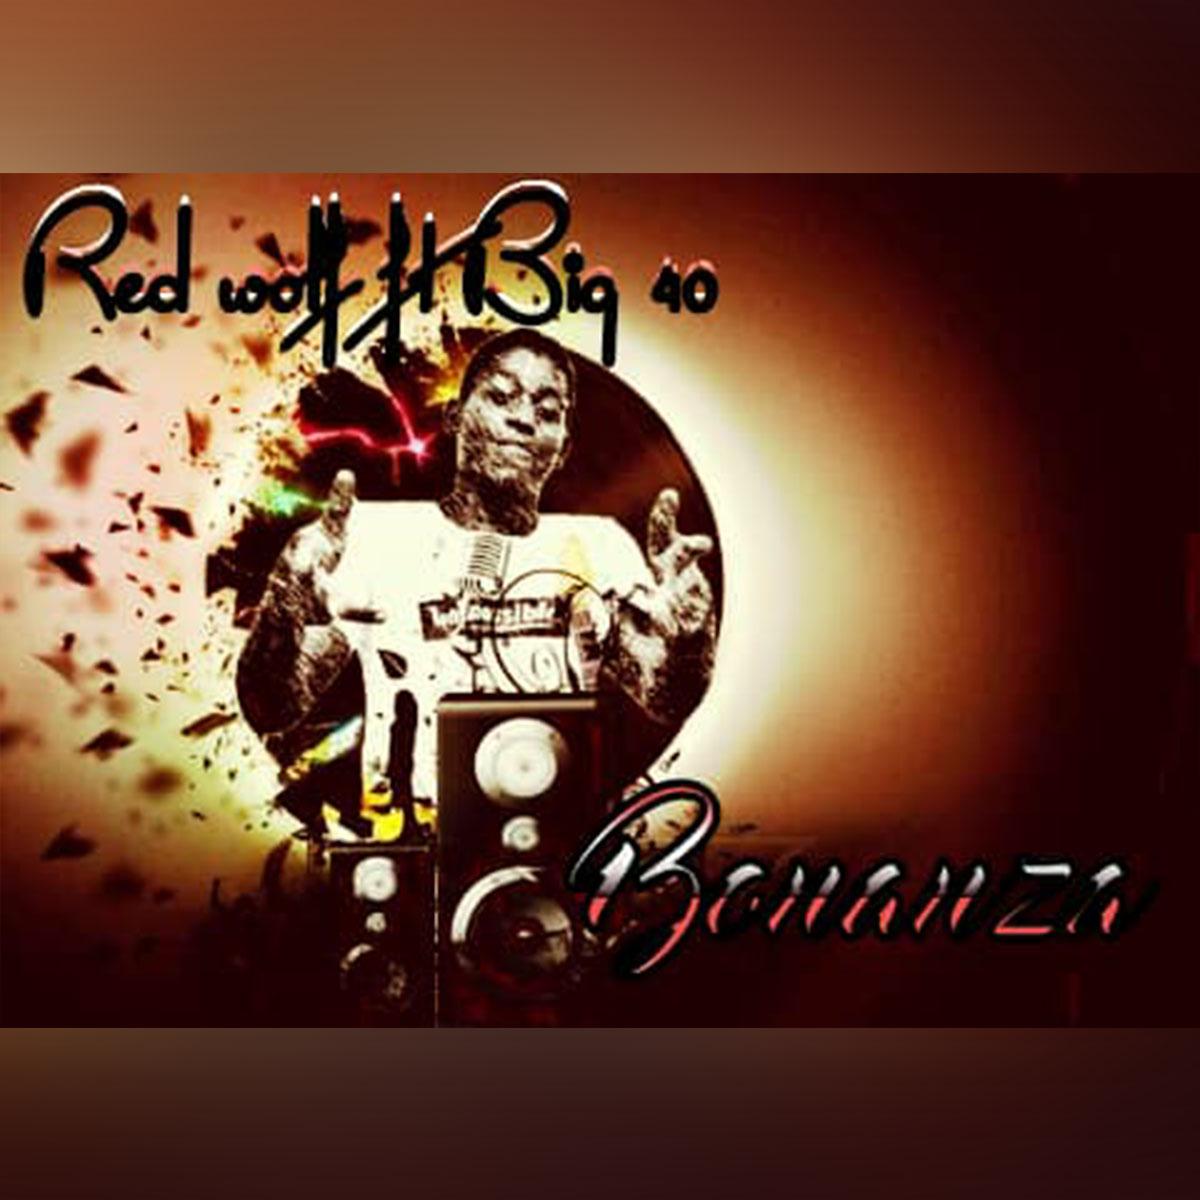 Red Wolf ft. Big 40 - Bonanza (Prod. DJ Soulja)